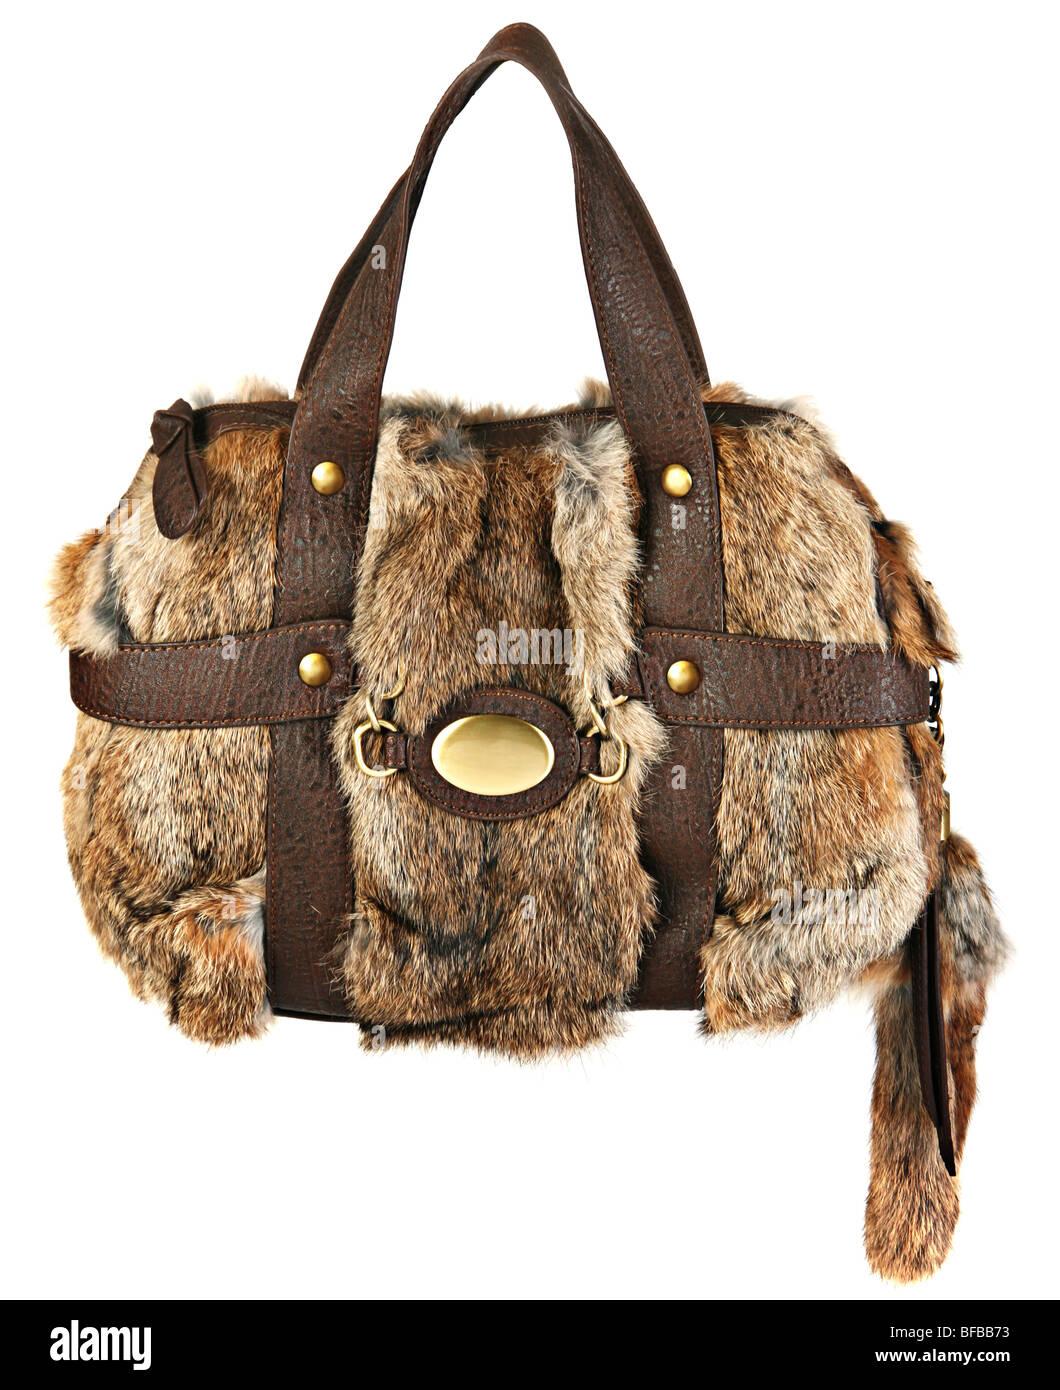 6bae400c32 Fur Bag Stock Photos   Fur Bag Stock Images - Alamy